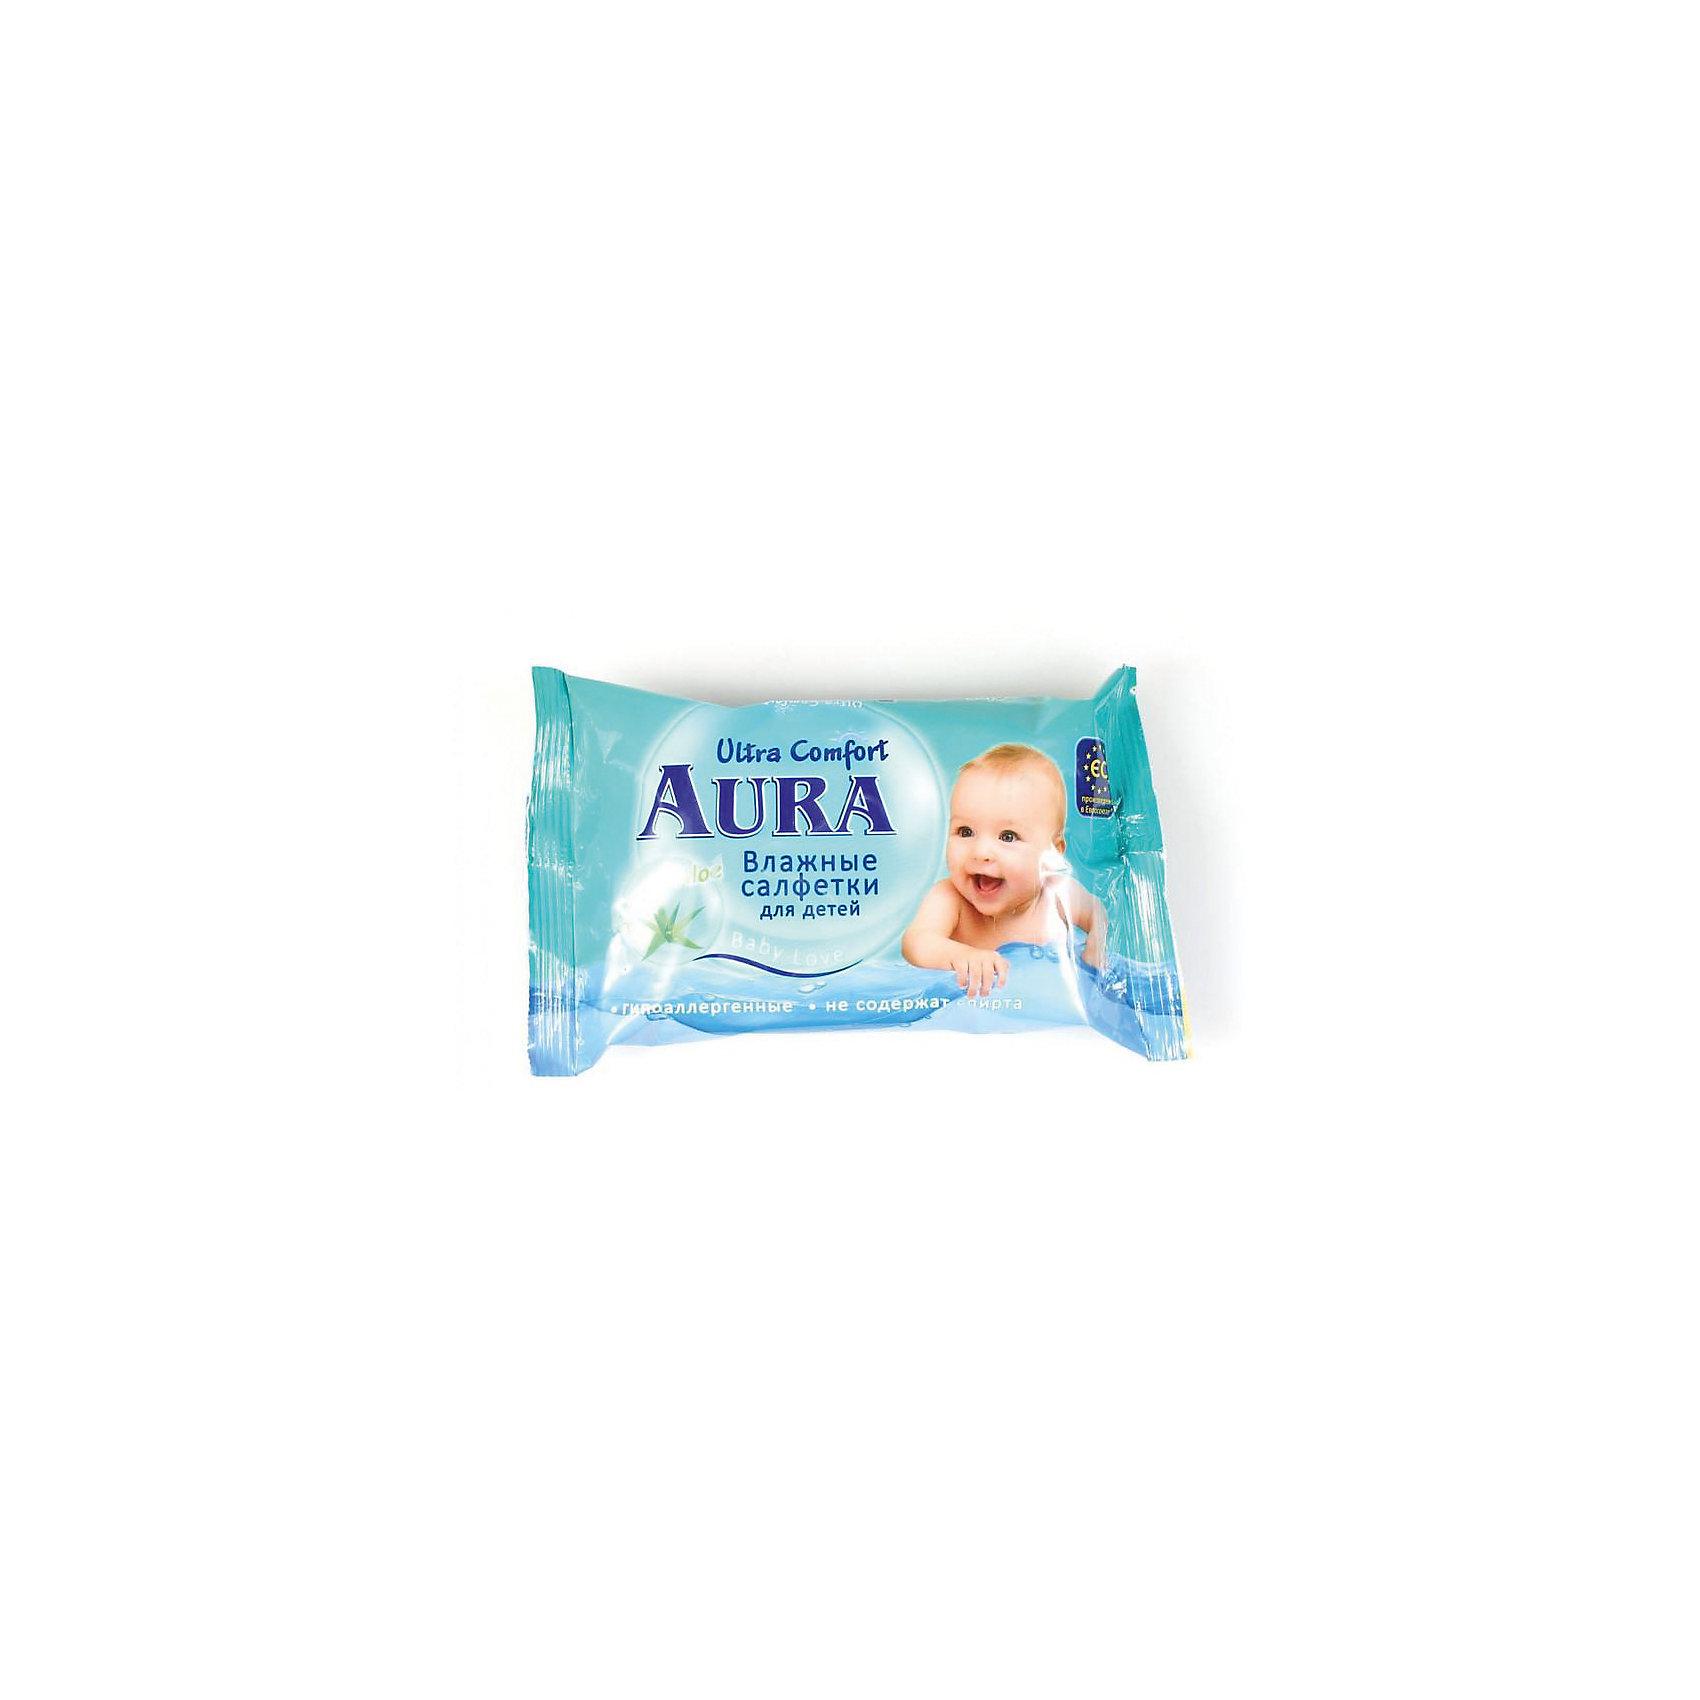 Влажные салфетки для детей, 60шт., Aura Ultra ComfortВлажные салфетки<br>Влажные салфетки для детей, 60шт., Aura Ultra Comfort (Аура Ультра Комфорт)<br><br>Характеристики:<br><br>• мягкие и гипоаллергенные<br>• содержат экстракт алоэ <br>• нейтральный уровень pH<br>• не содержат спирт<br>• количество: 60 шт.<br>• вес: 230 грамм<br><br>Влажные салфетки Aura Ultra Comfort помогут вам бережно очистить кожу малыша от загрязнений. Мягкое полотно салфеток пропитано гипоаллергенным раствором с содержанием экстракта алоэ. Он оказывает успокаивающее и заживляющее действие, не вызывая сухости и стянутости кожи. Салфетки не содержат спирт.<br><br>Влажные салфетки для детей, 60шт., Aura Ultra Comfort (Аура Ультра Комфорт) вы можете купить в нашем интернет-магазине.<br><br>Ширина мм: 200<br>Глубина мм: 100<br>Высота мм: 50<br>Вес г: 230<br>Возраст от месяцев: 0<br>Возраст до месяцев: 1188<br>Пол: Унисекс<br>Возраст: Детский<br>SKU: 5523091